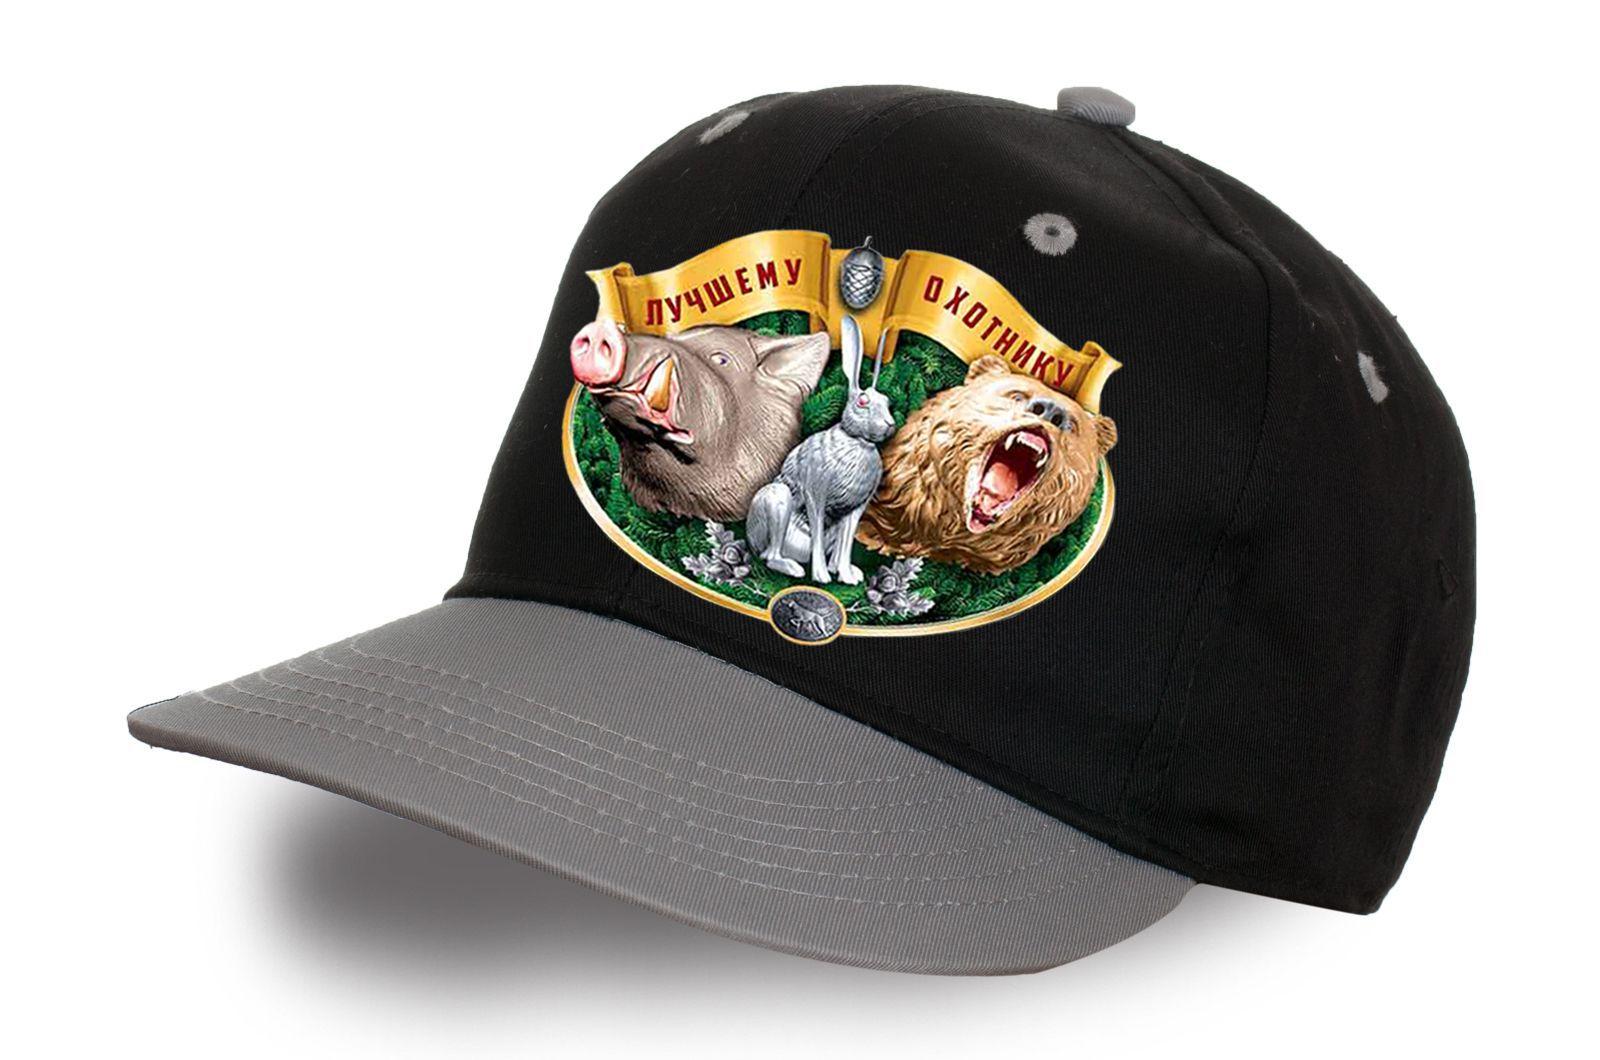 Модная кепка лучшему охотнику - купить онлайн с доставкой